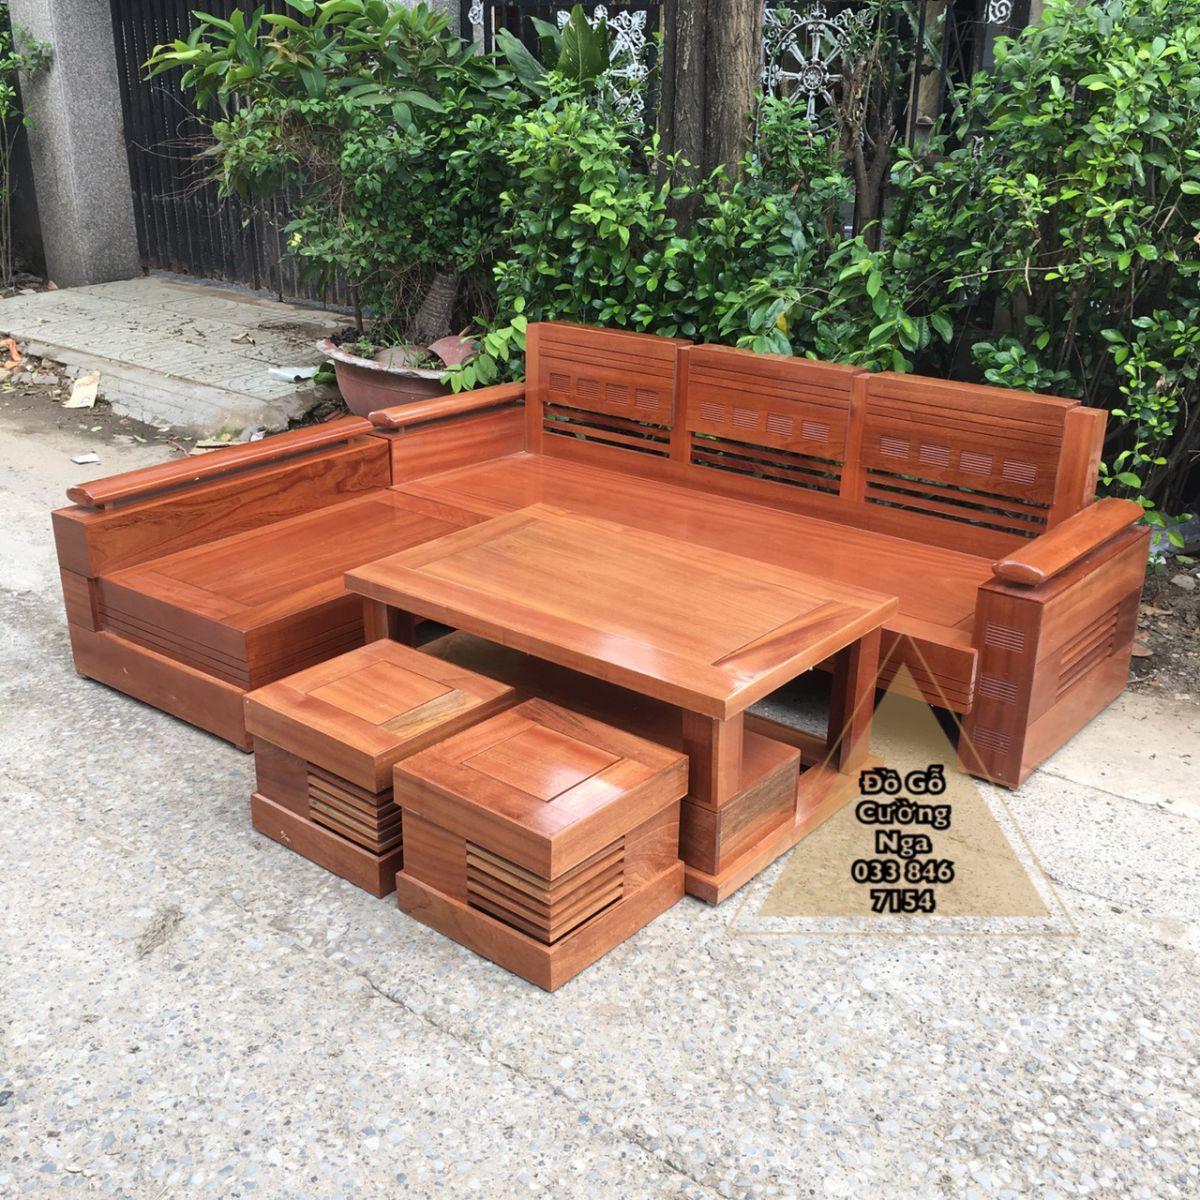 Bộ bàn ghế sofa gỗ Xoan Đào 2m1x1m65 tray trứng (Ảnh 2)